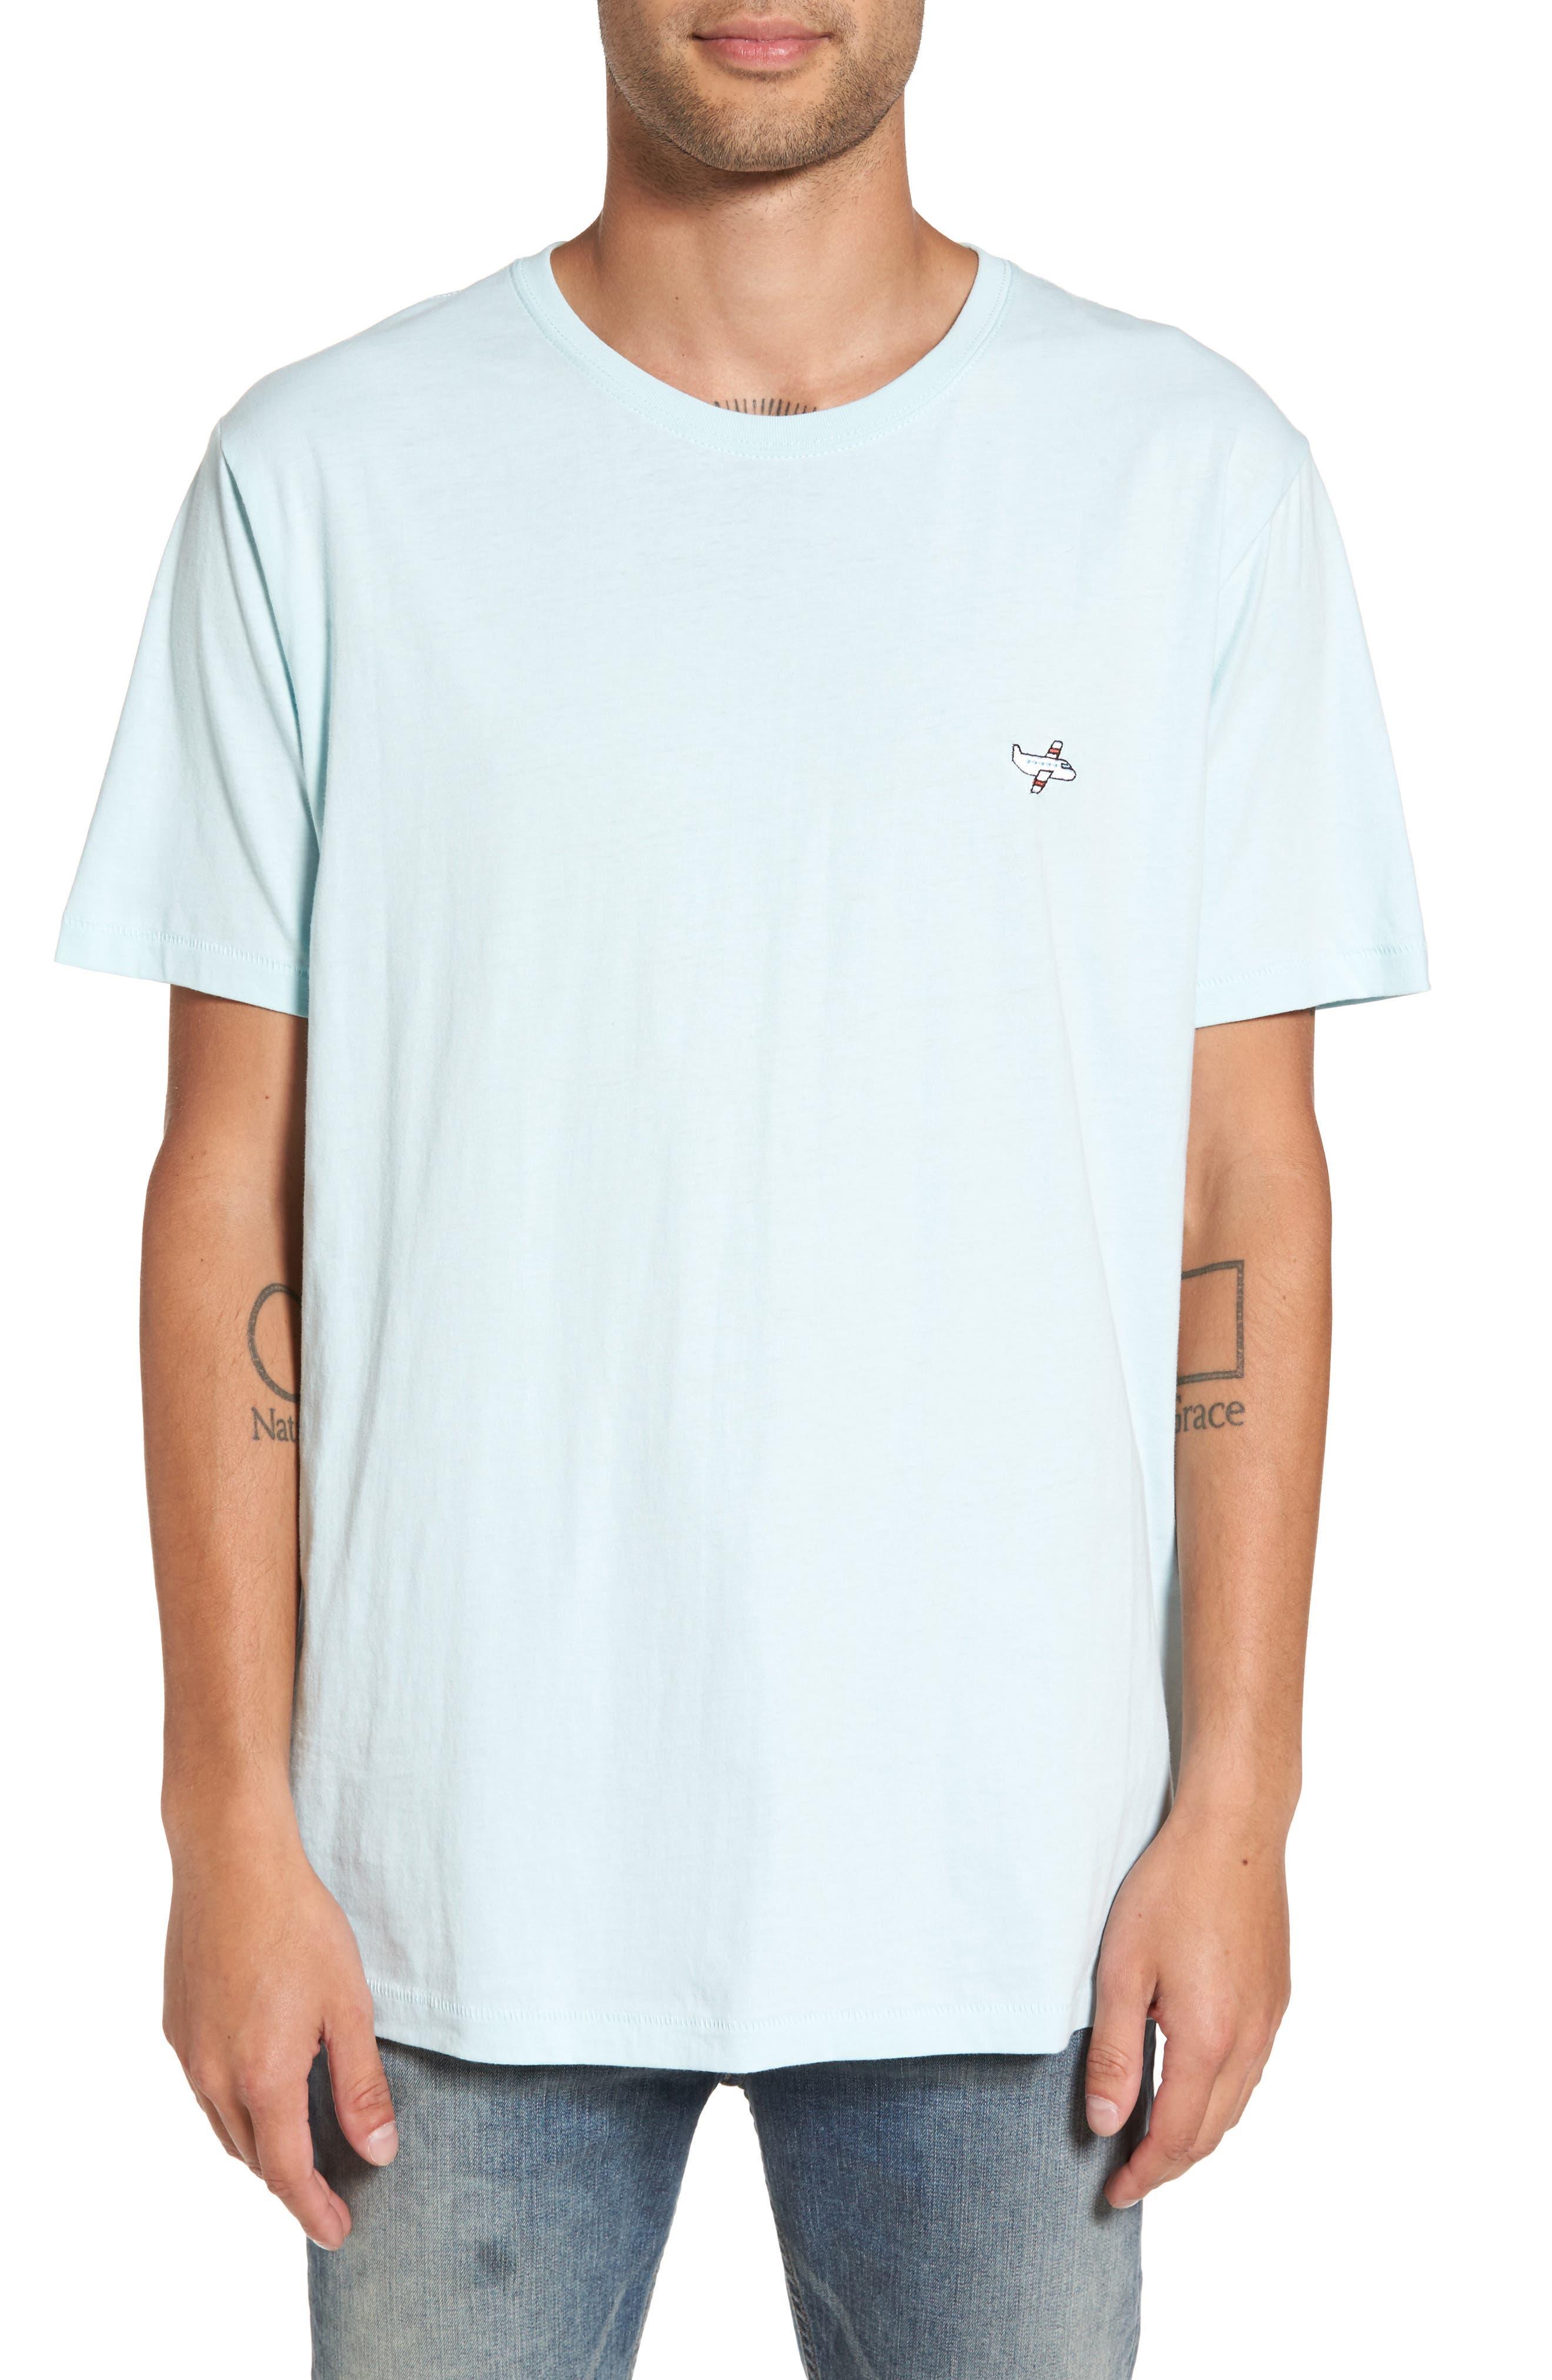 Aeroplane Appliqué T-Shirt,                         Main,                         color, 440